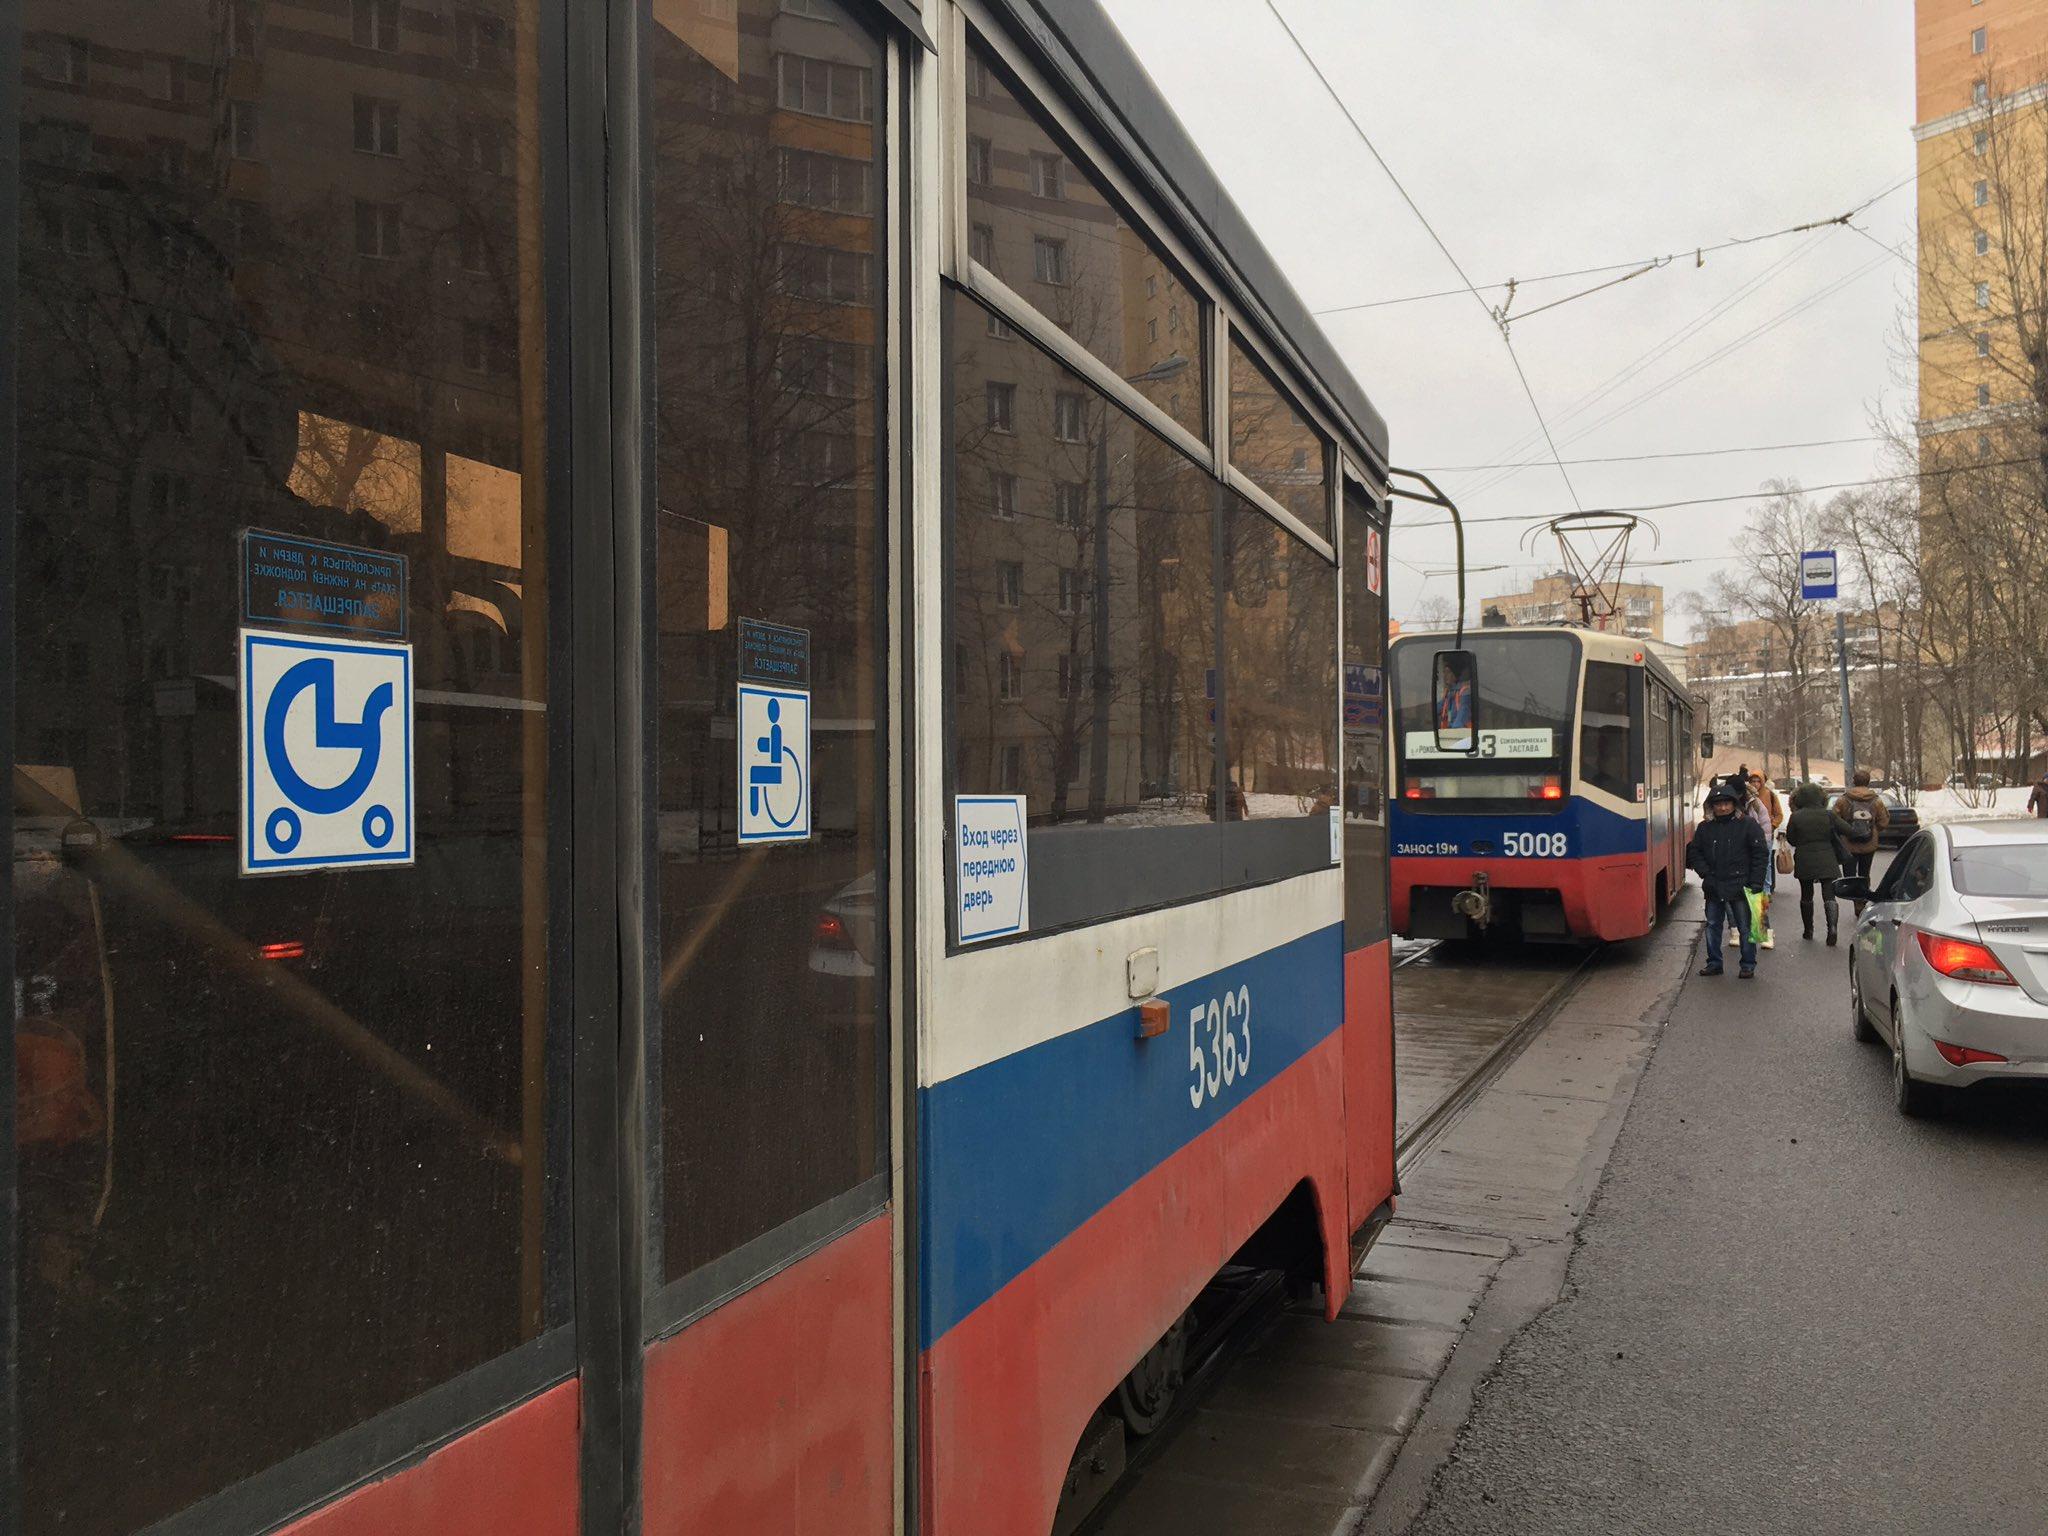 bryunetkoy-krasnih-zhopa-kak-tramvay-katya-sambuka